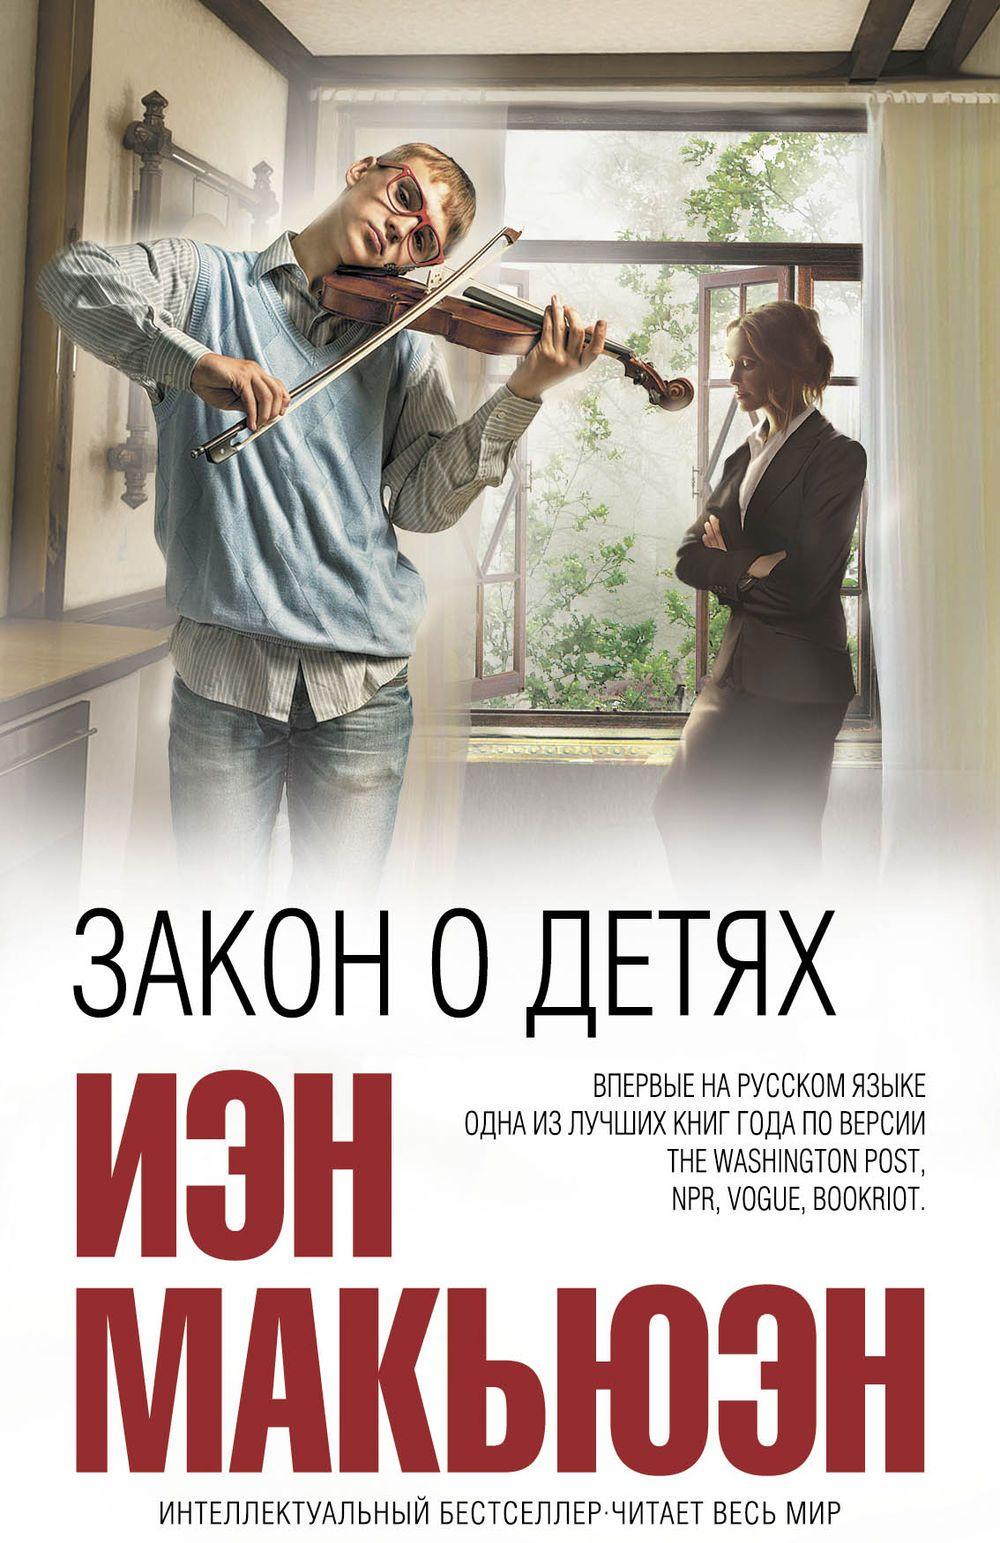 http://www.cbs-novoch.ru/public/uploads/(2018_10_26)_Zakon_o_detyah.jpeg